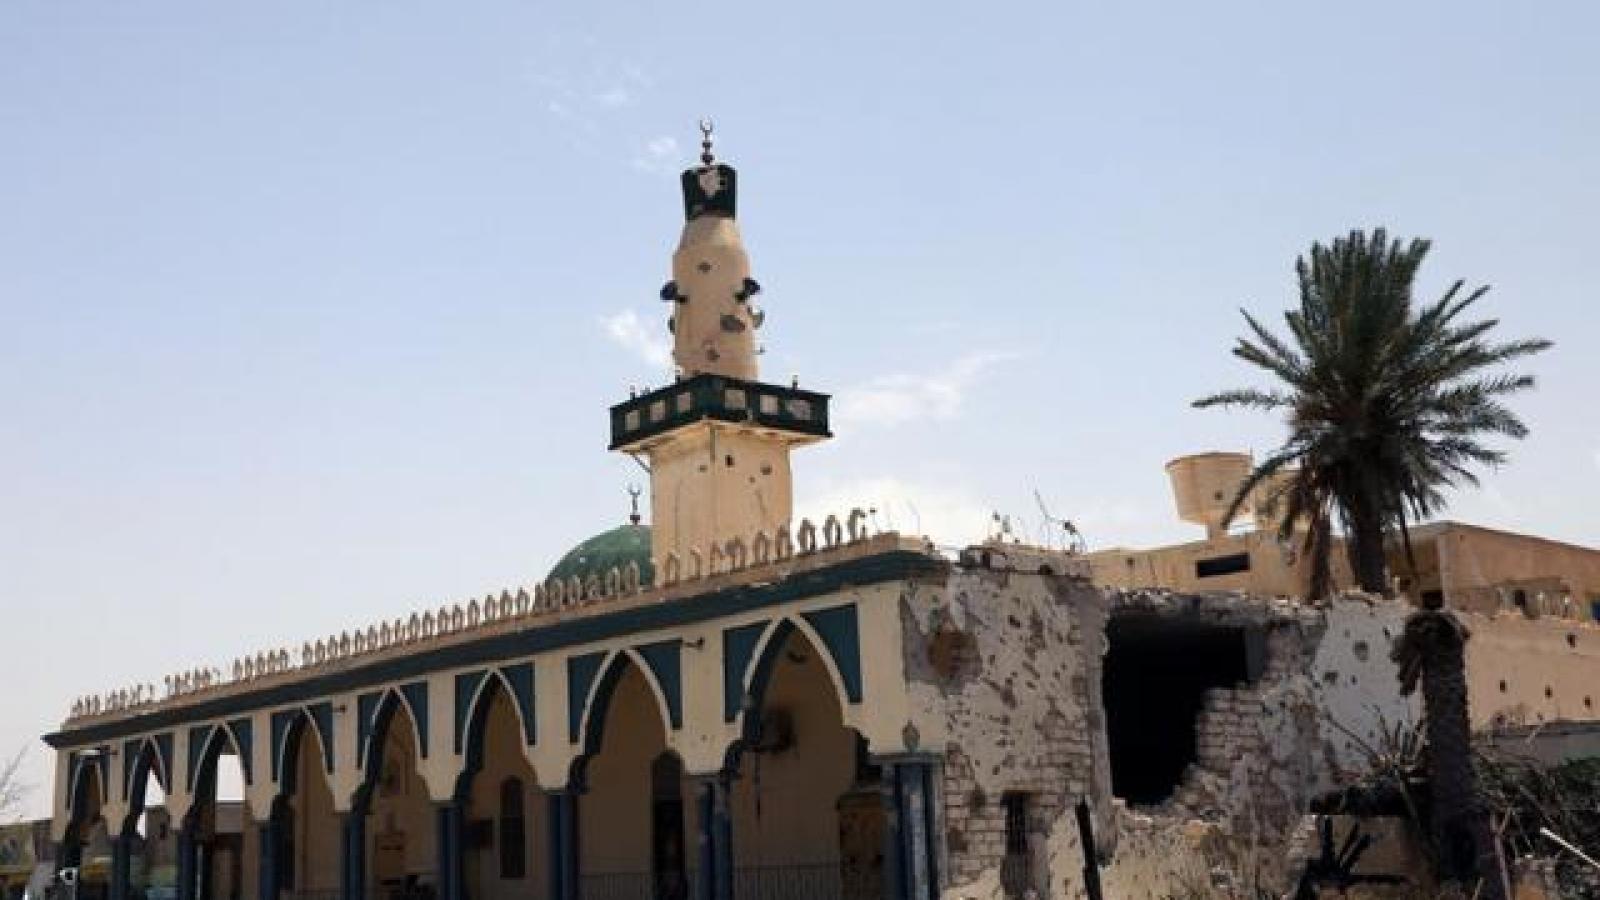 Các bên Libya thống nhất ngày bầu cử: Hy vọng về hòa bình và sự hồi sinh